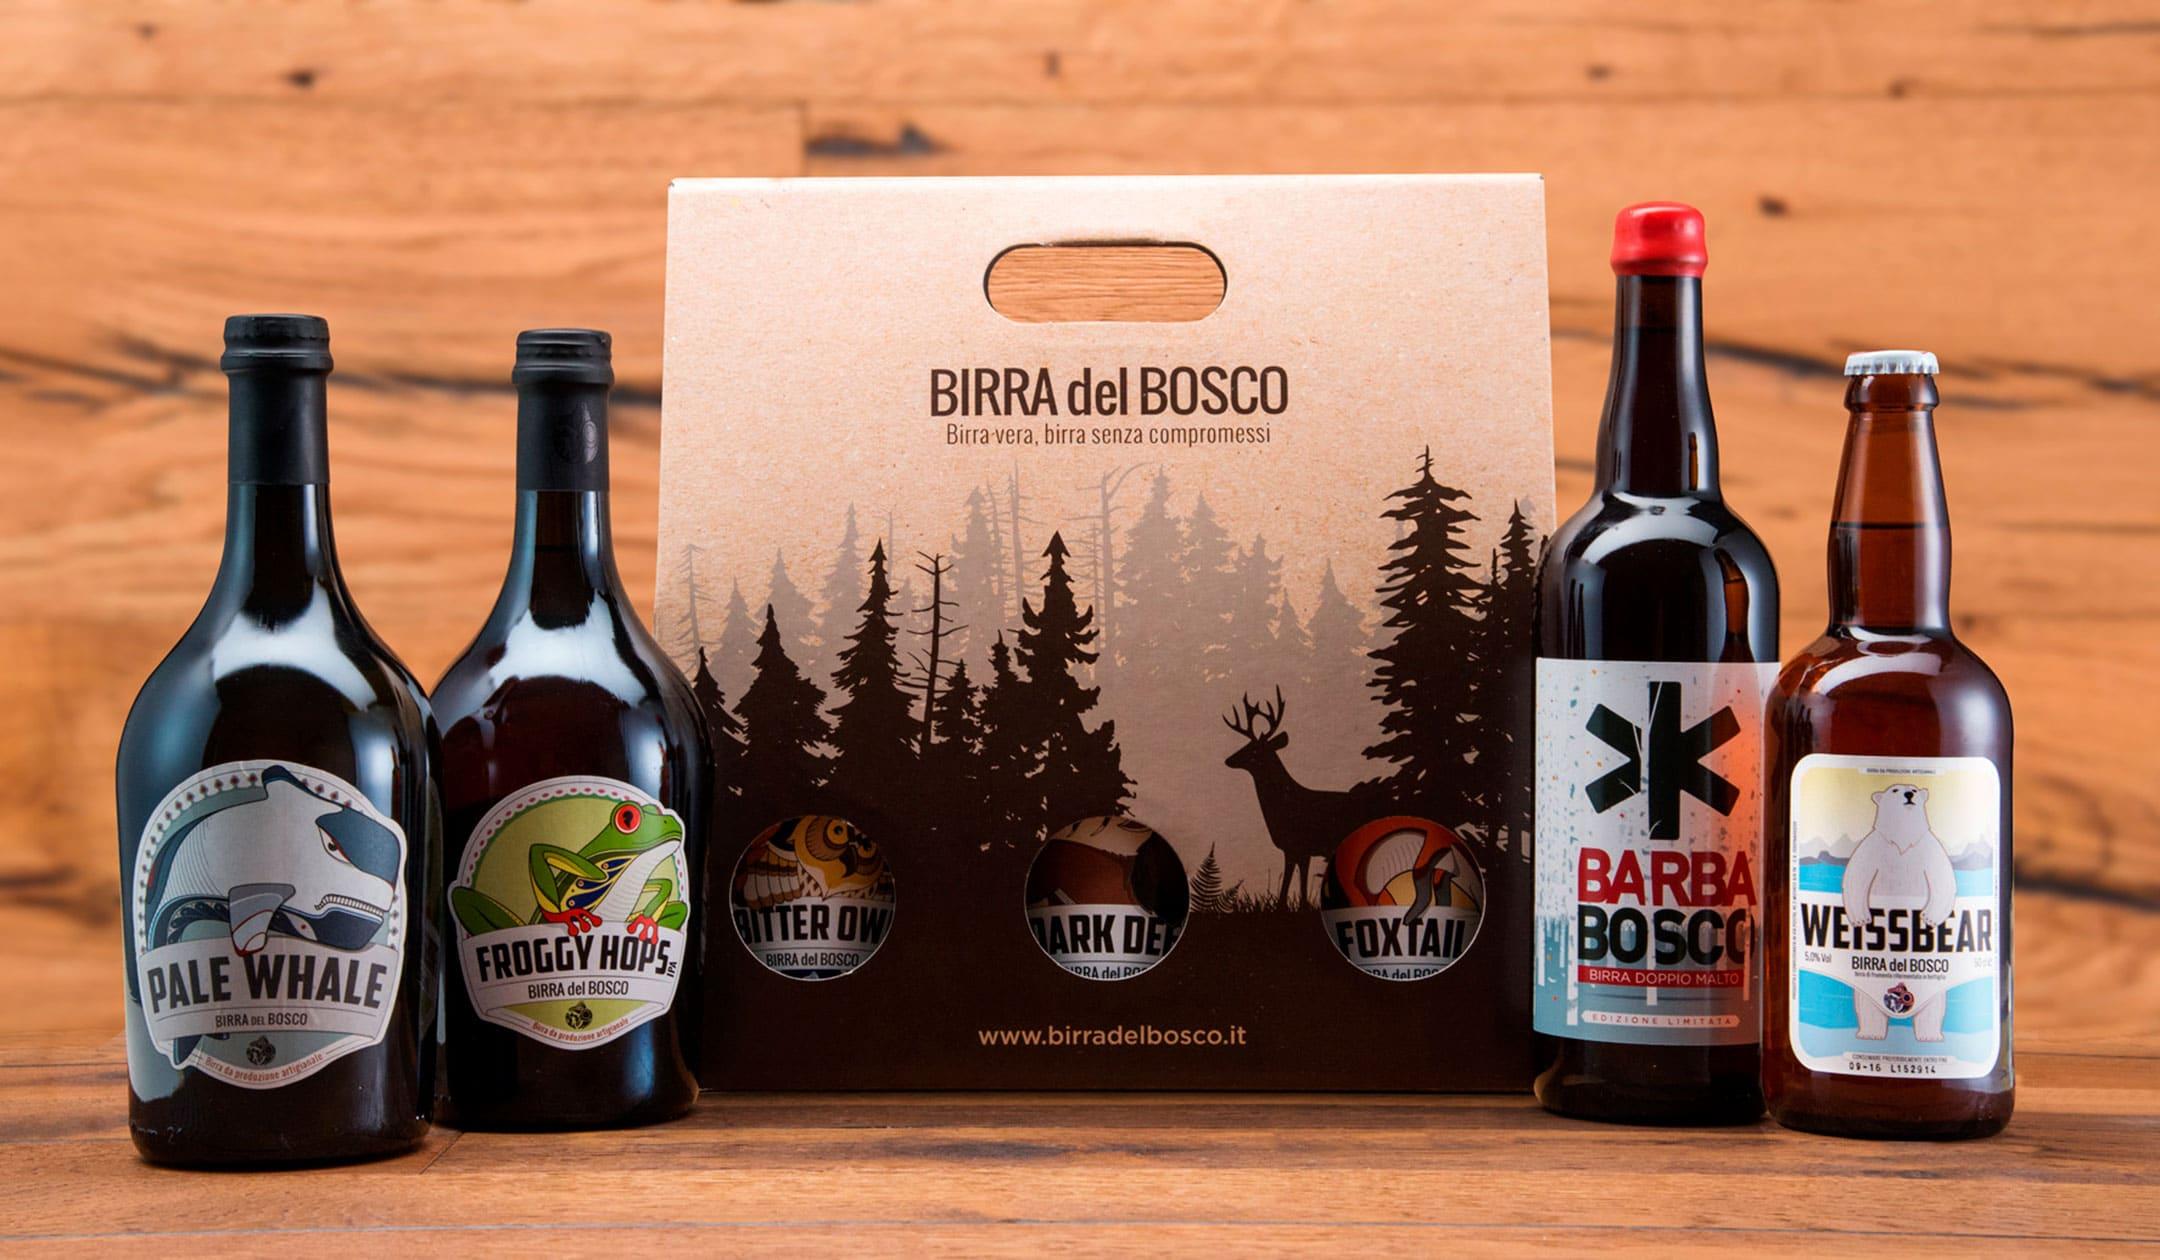 birre_e_packaging